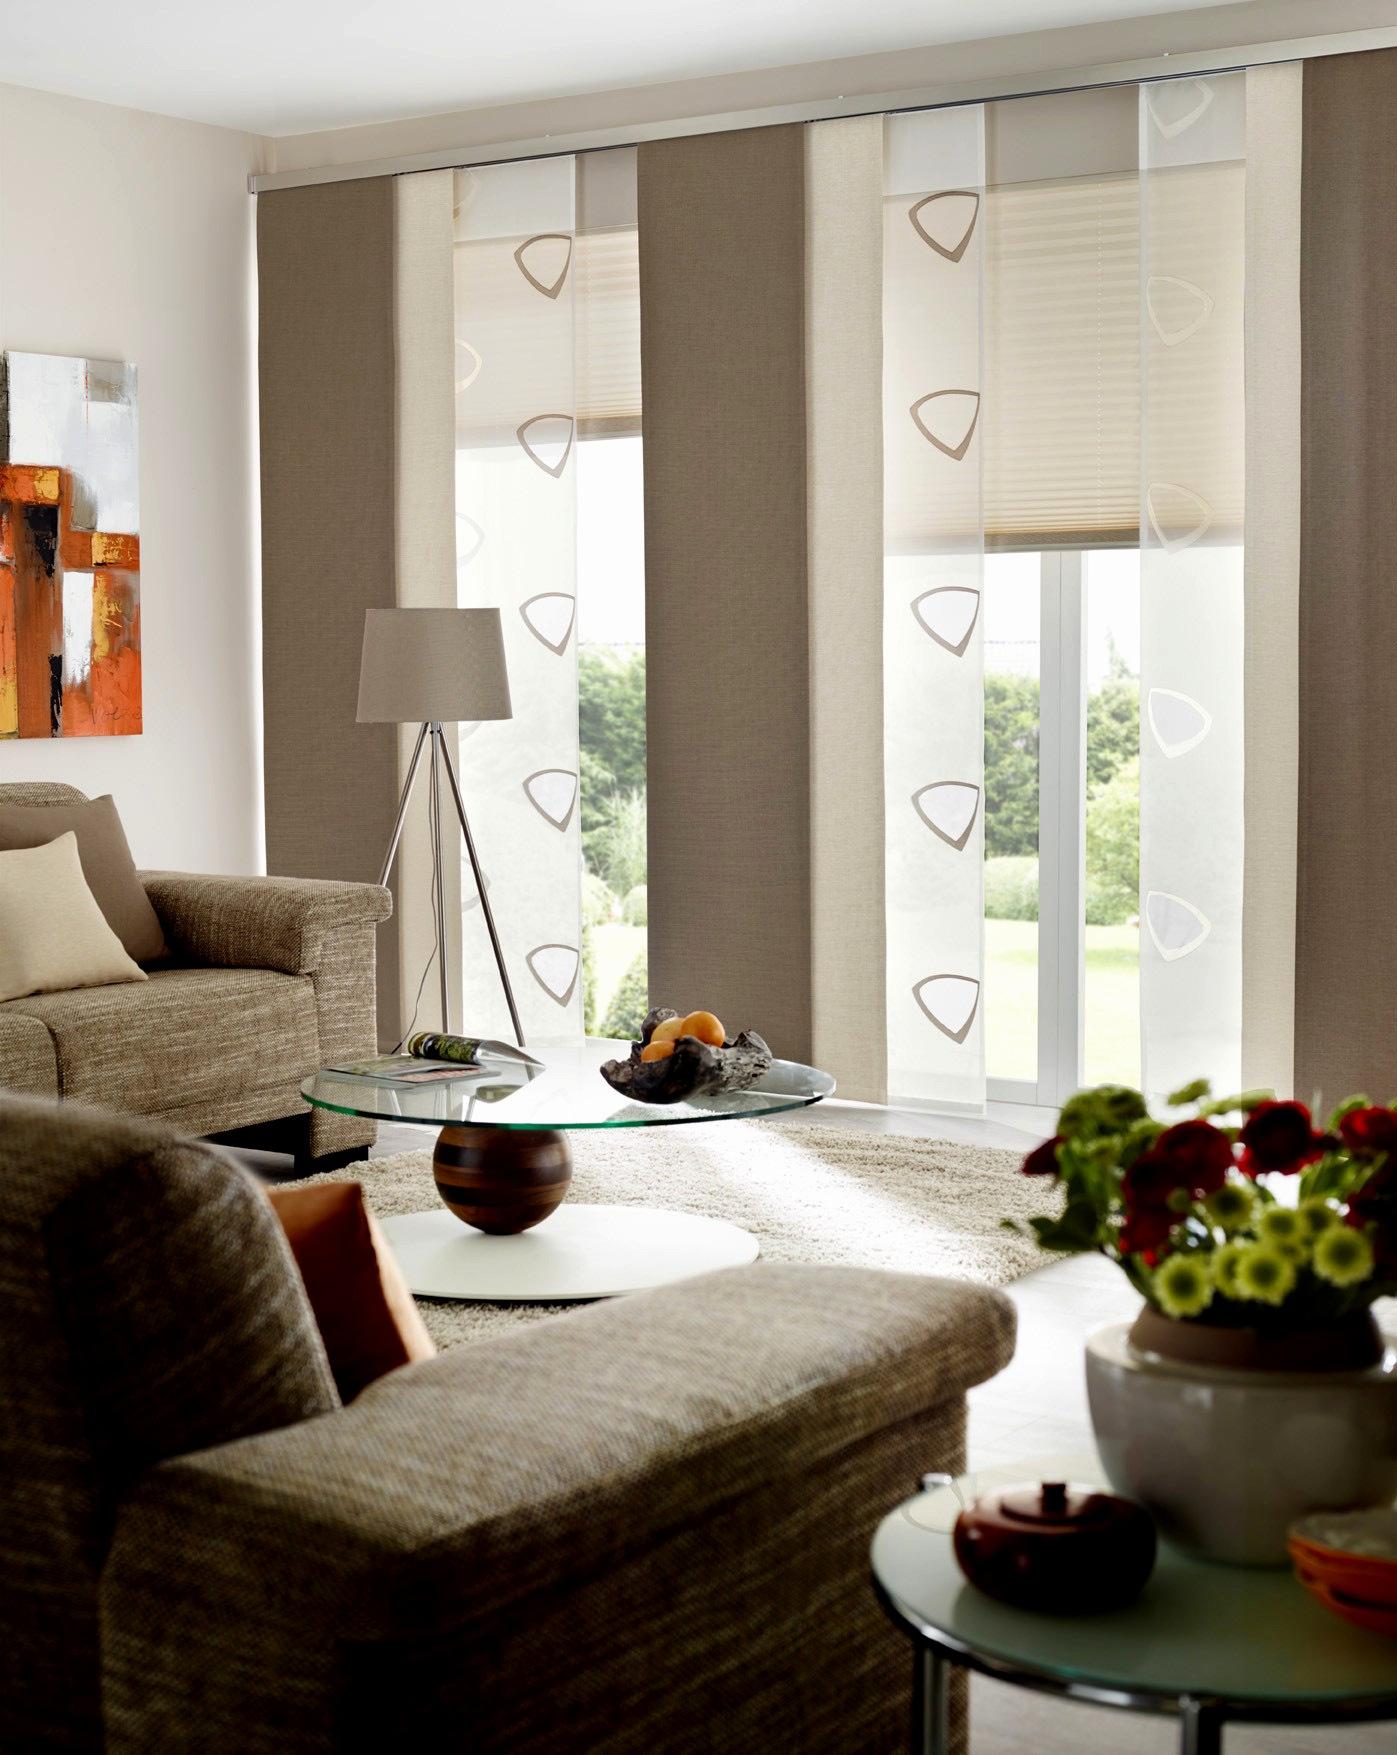 Full Size of Gardinen Küchenfenster Schlafzimmer Für Die Küche Wohnzimmer Scheibengardinen Fenster Wohnzimmer Gardinen Küchenfenster